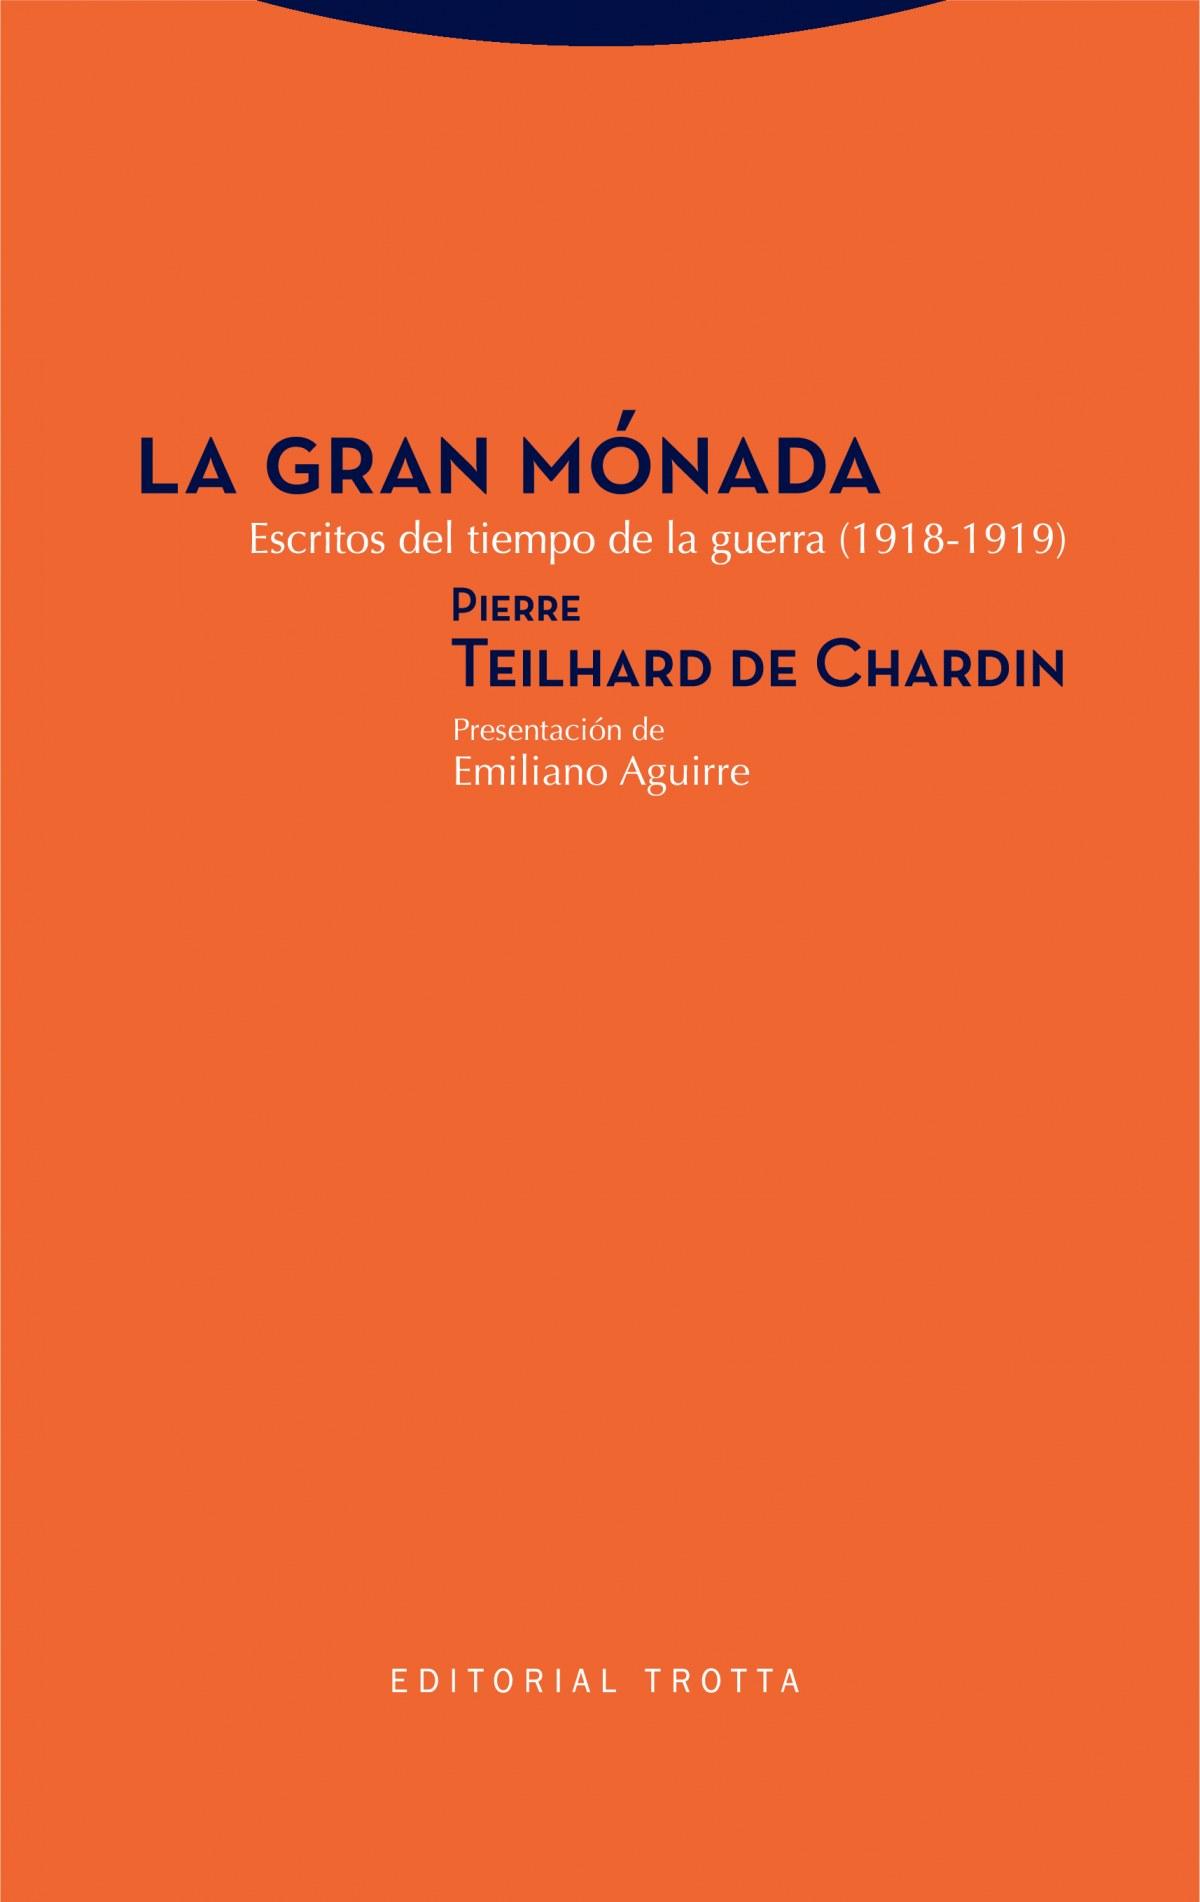 LA GRAN MÓNADA 9788498797503